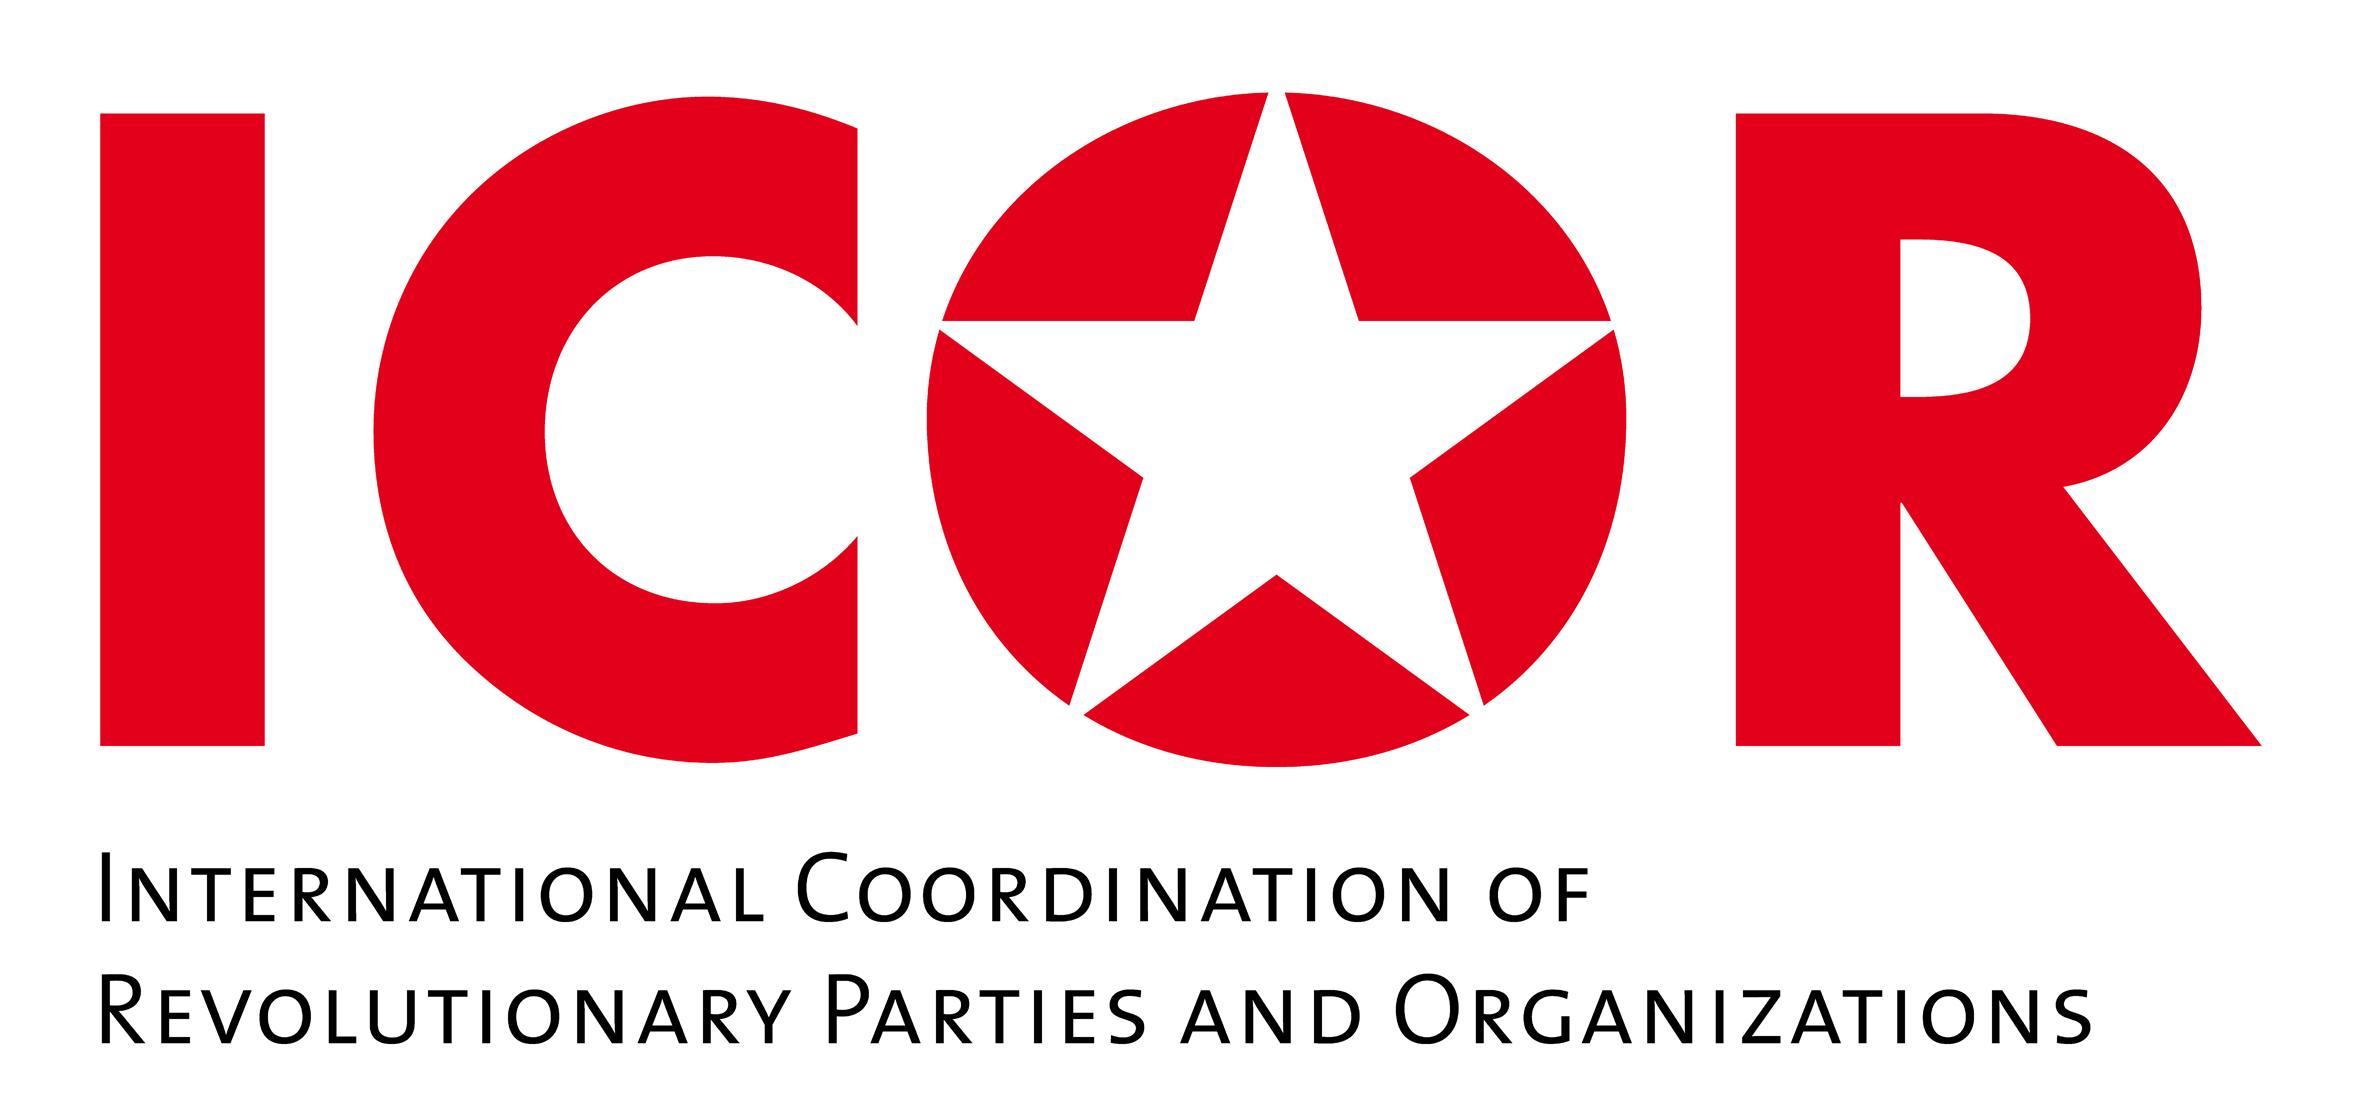 Grußadresse der PCR ( Revolutionäre Kommunistische Partei) Argentiniens an die 2. ICOR Weltkonferenz